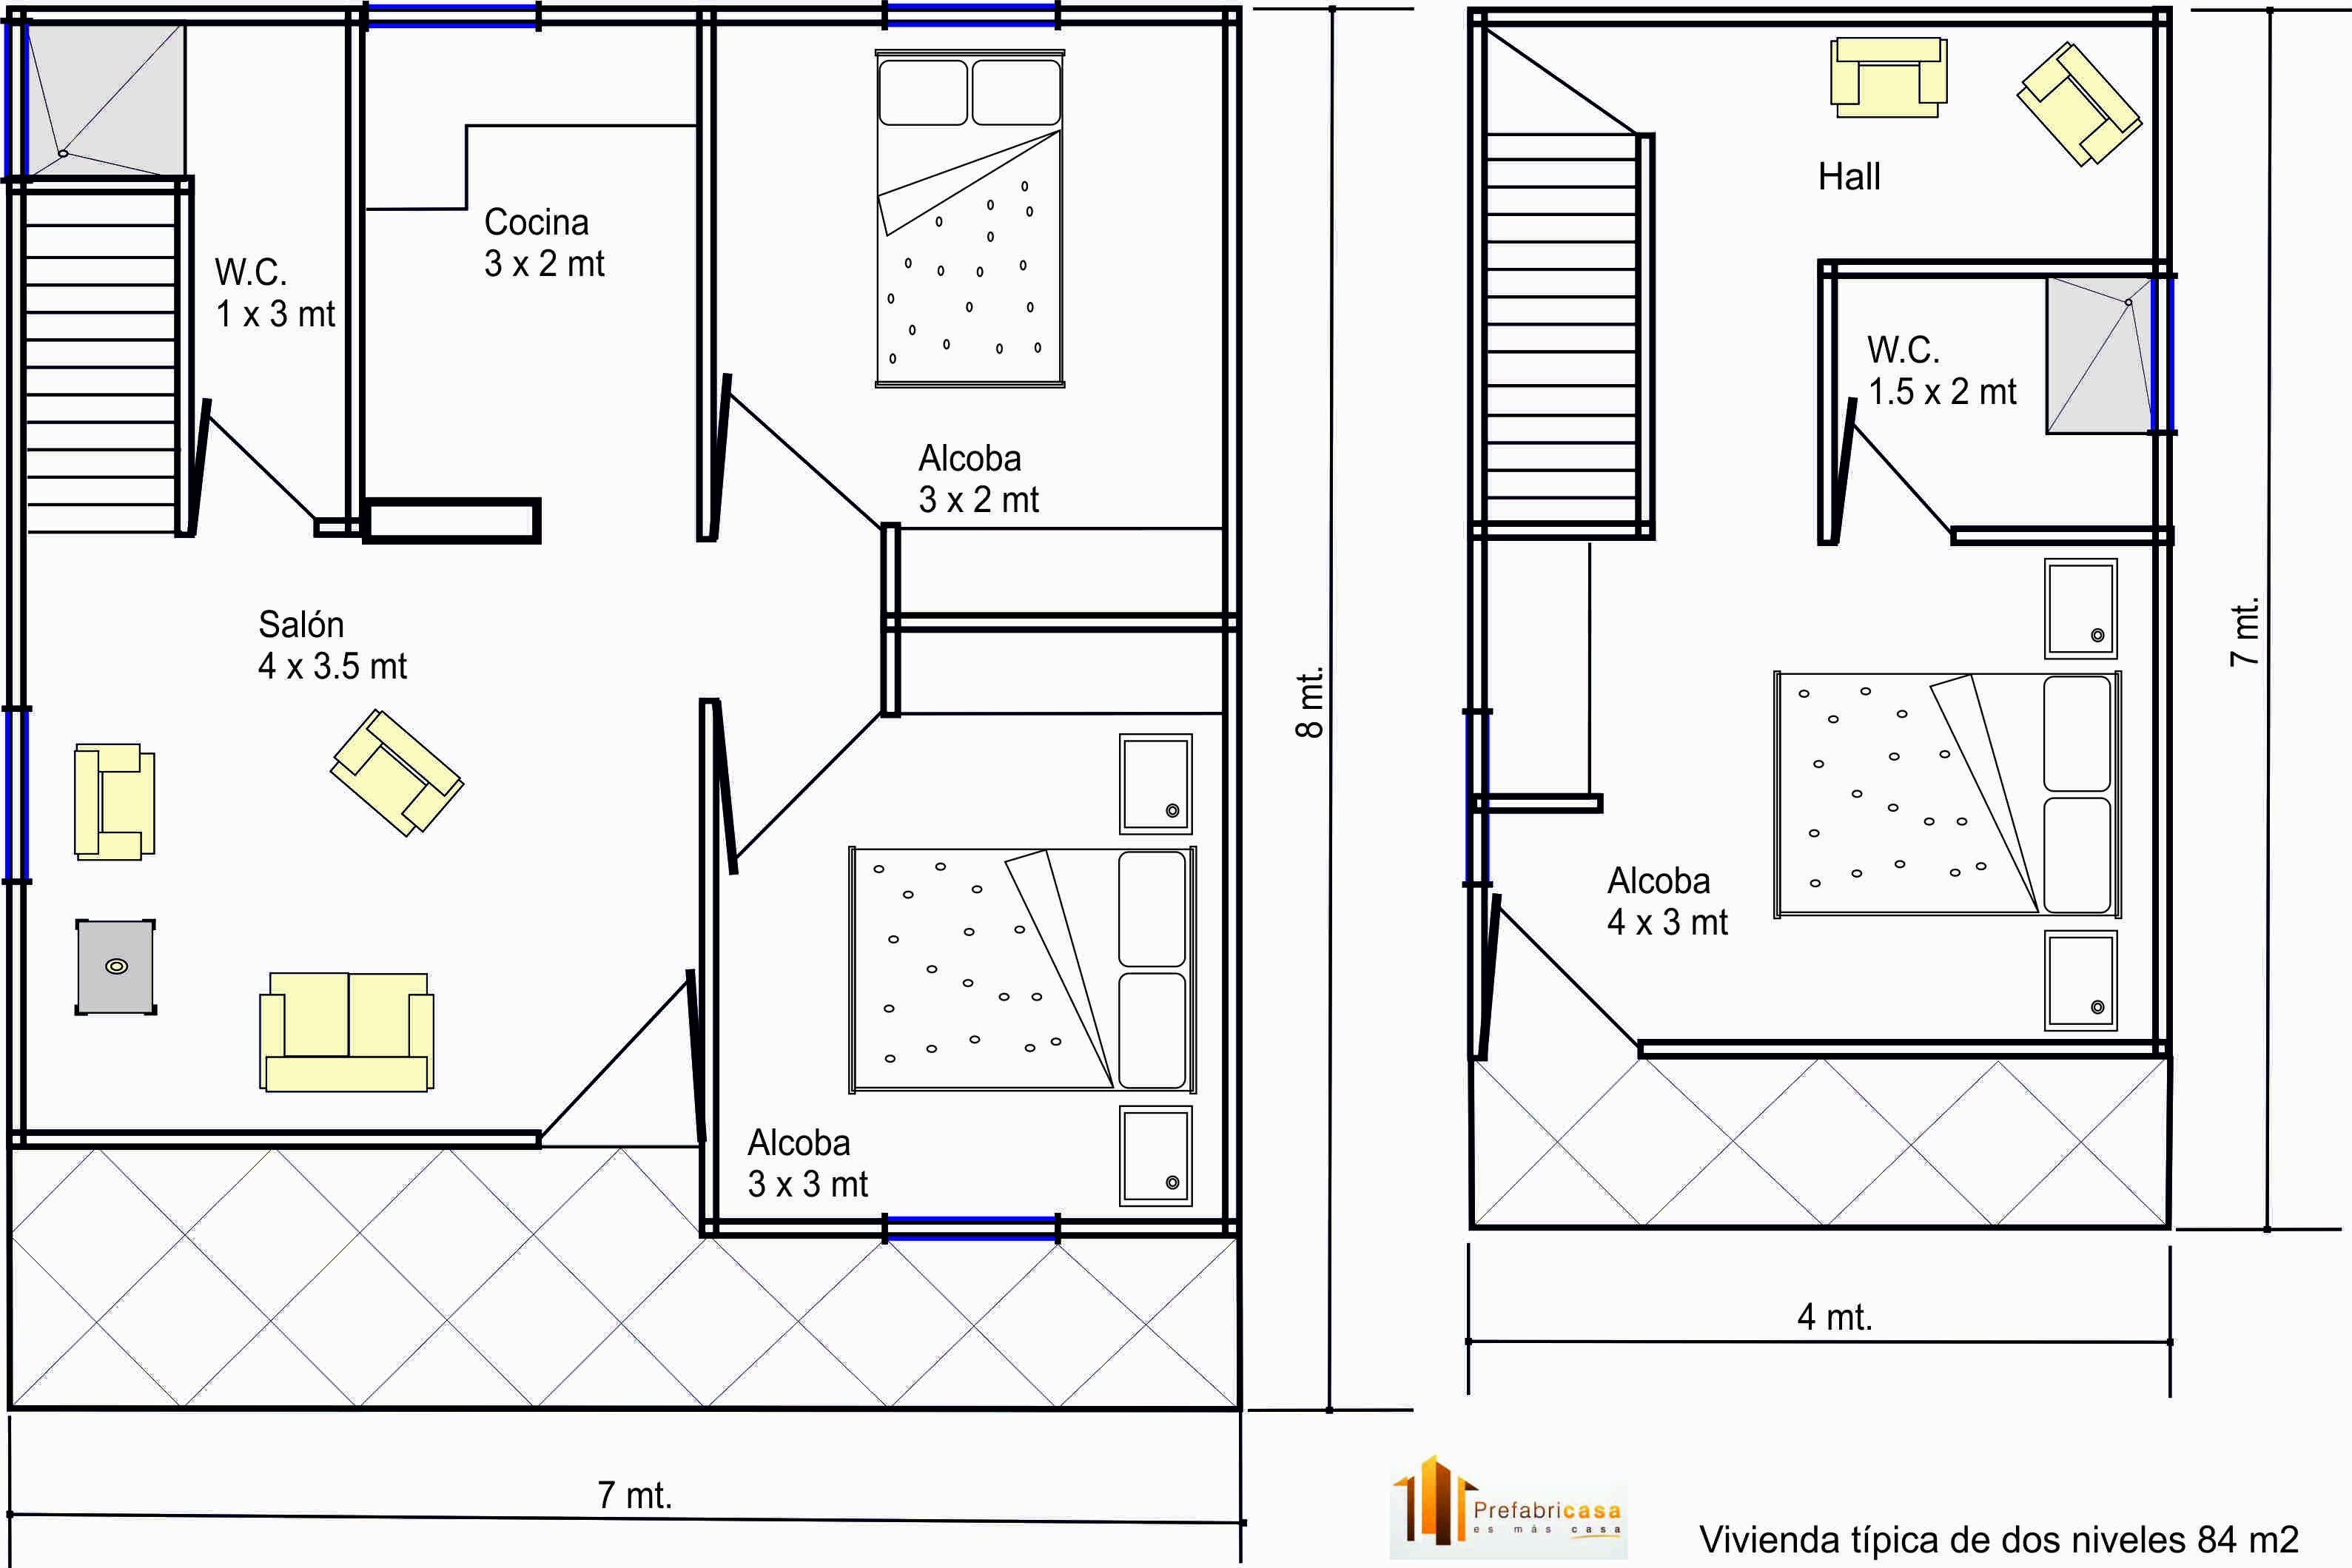 Dise os casas prefabricadas 84 mts 2 casas prefabricadas for Disenos y planos de casas prefabricadas